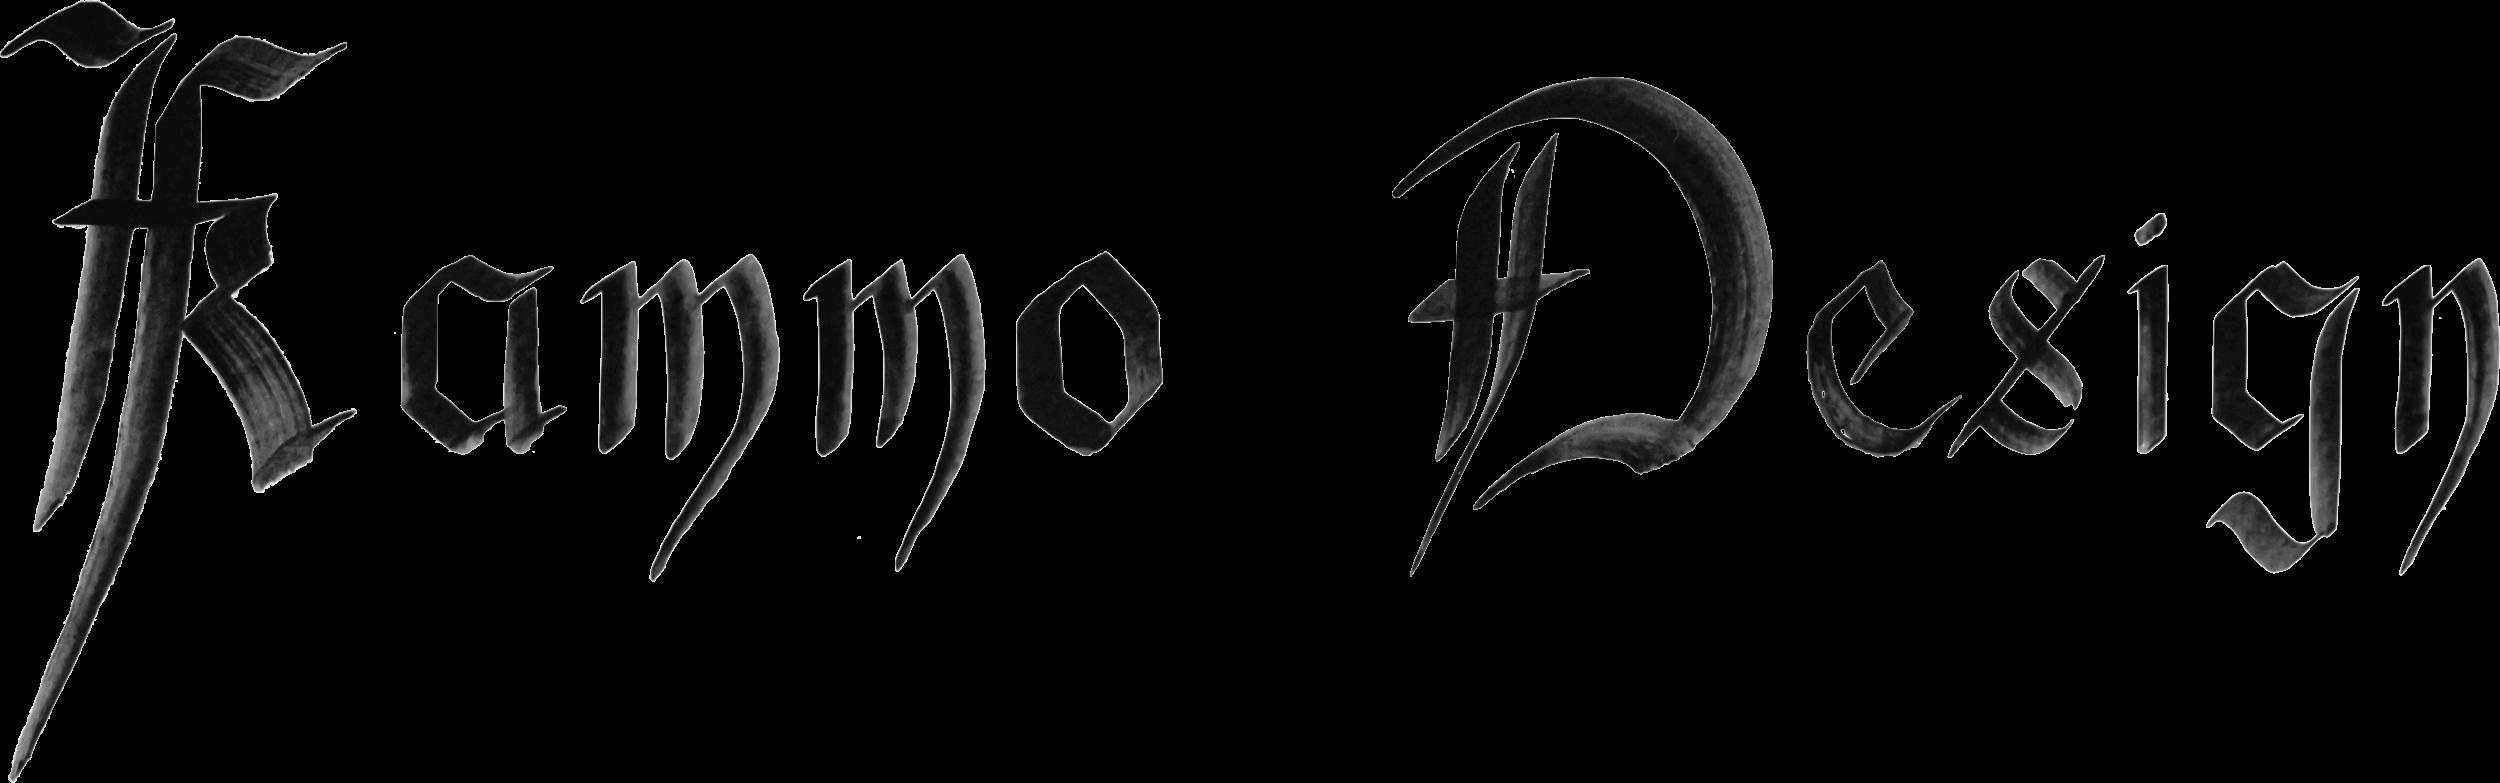 Kammo Design